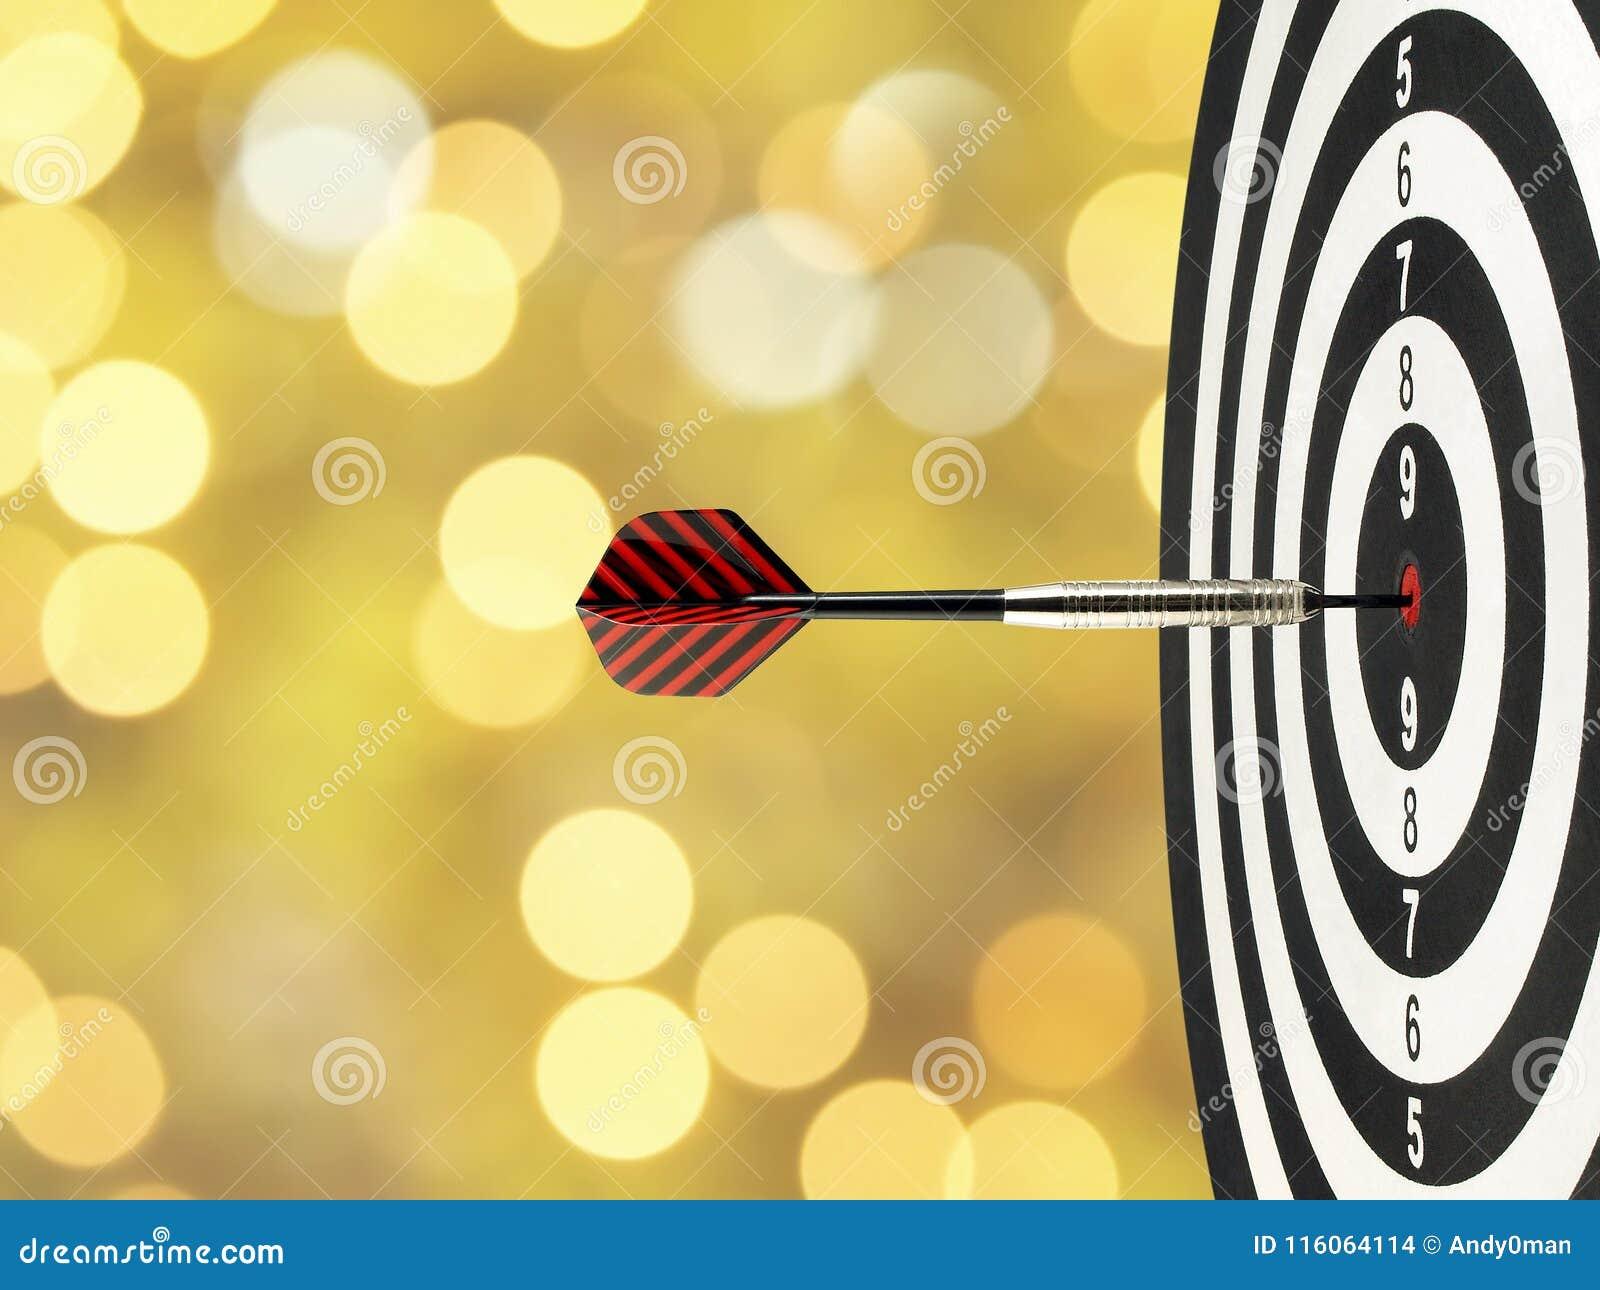 A seta do dardo do close-up que bate no centro do alvo no bullseye no alvo de madeira com ouro amarelo borrado ilumina o fundo do